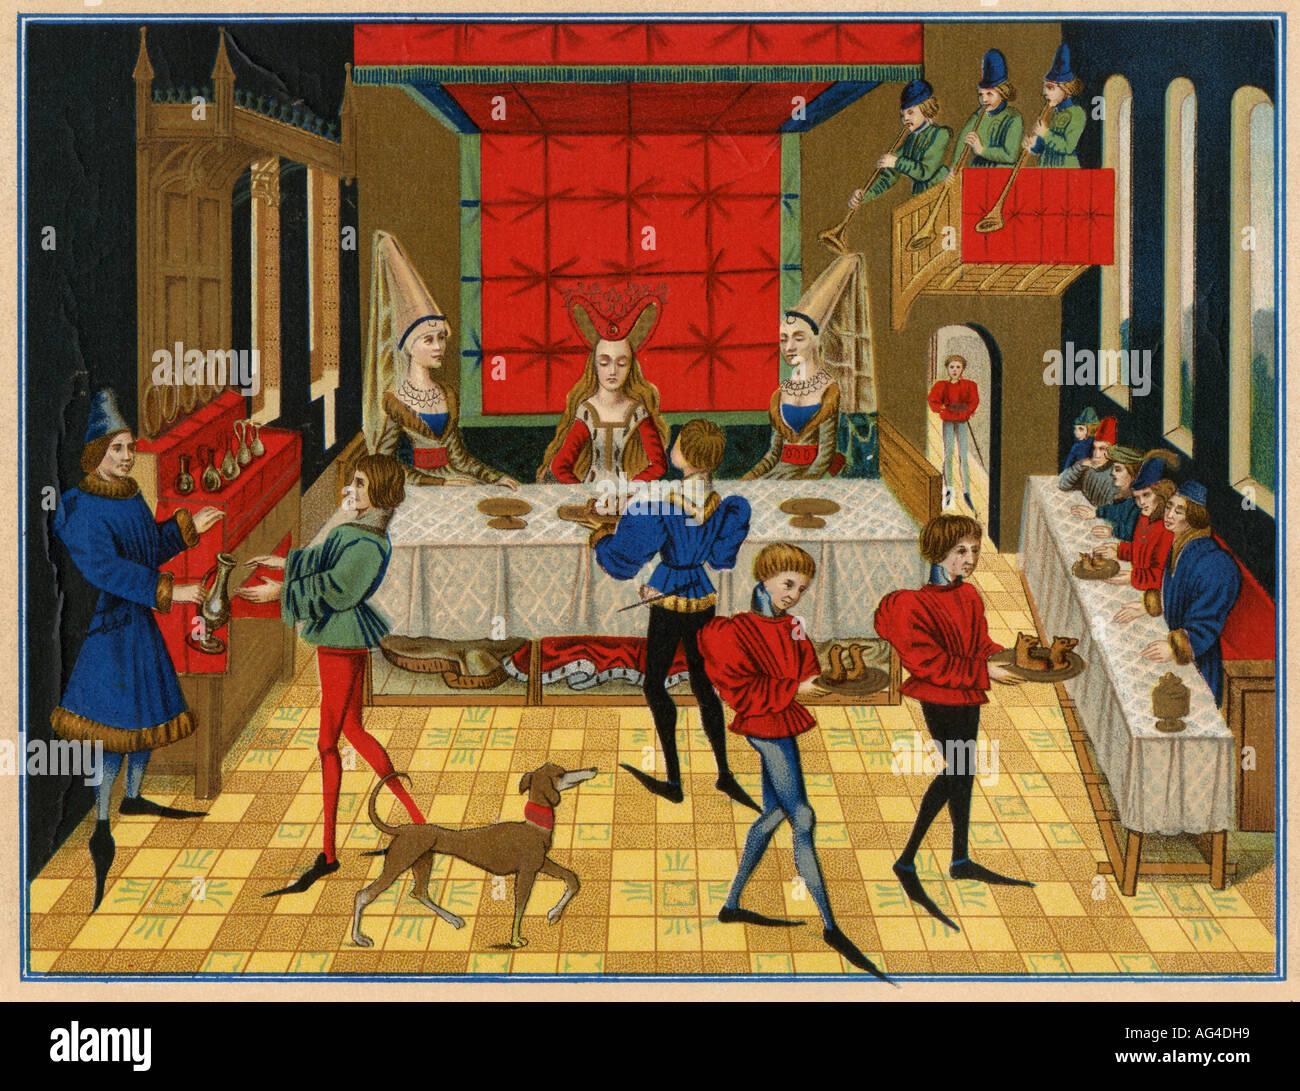 Mesa de comedor de una dama de calidad 1400s. Litografía de color Imagen De Stock